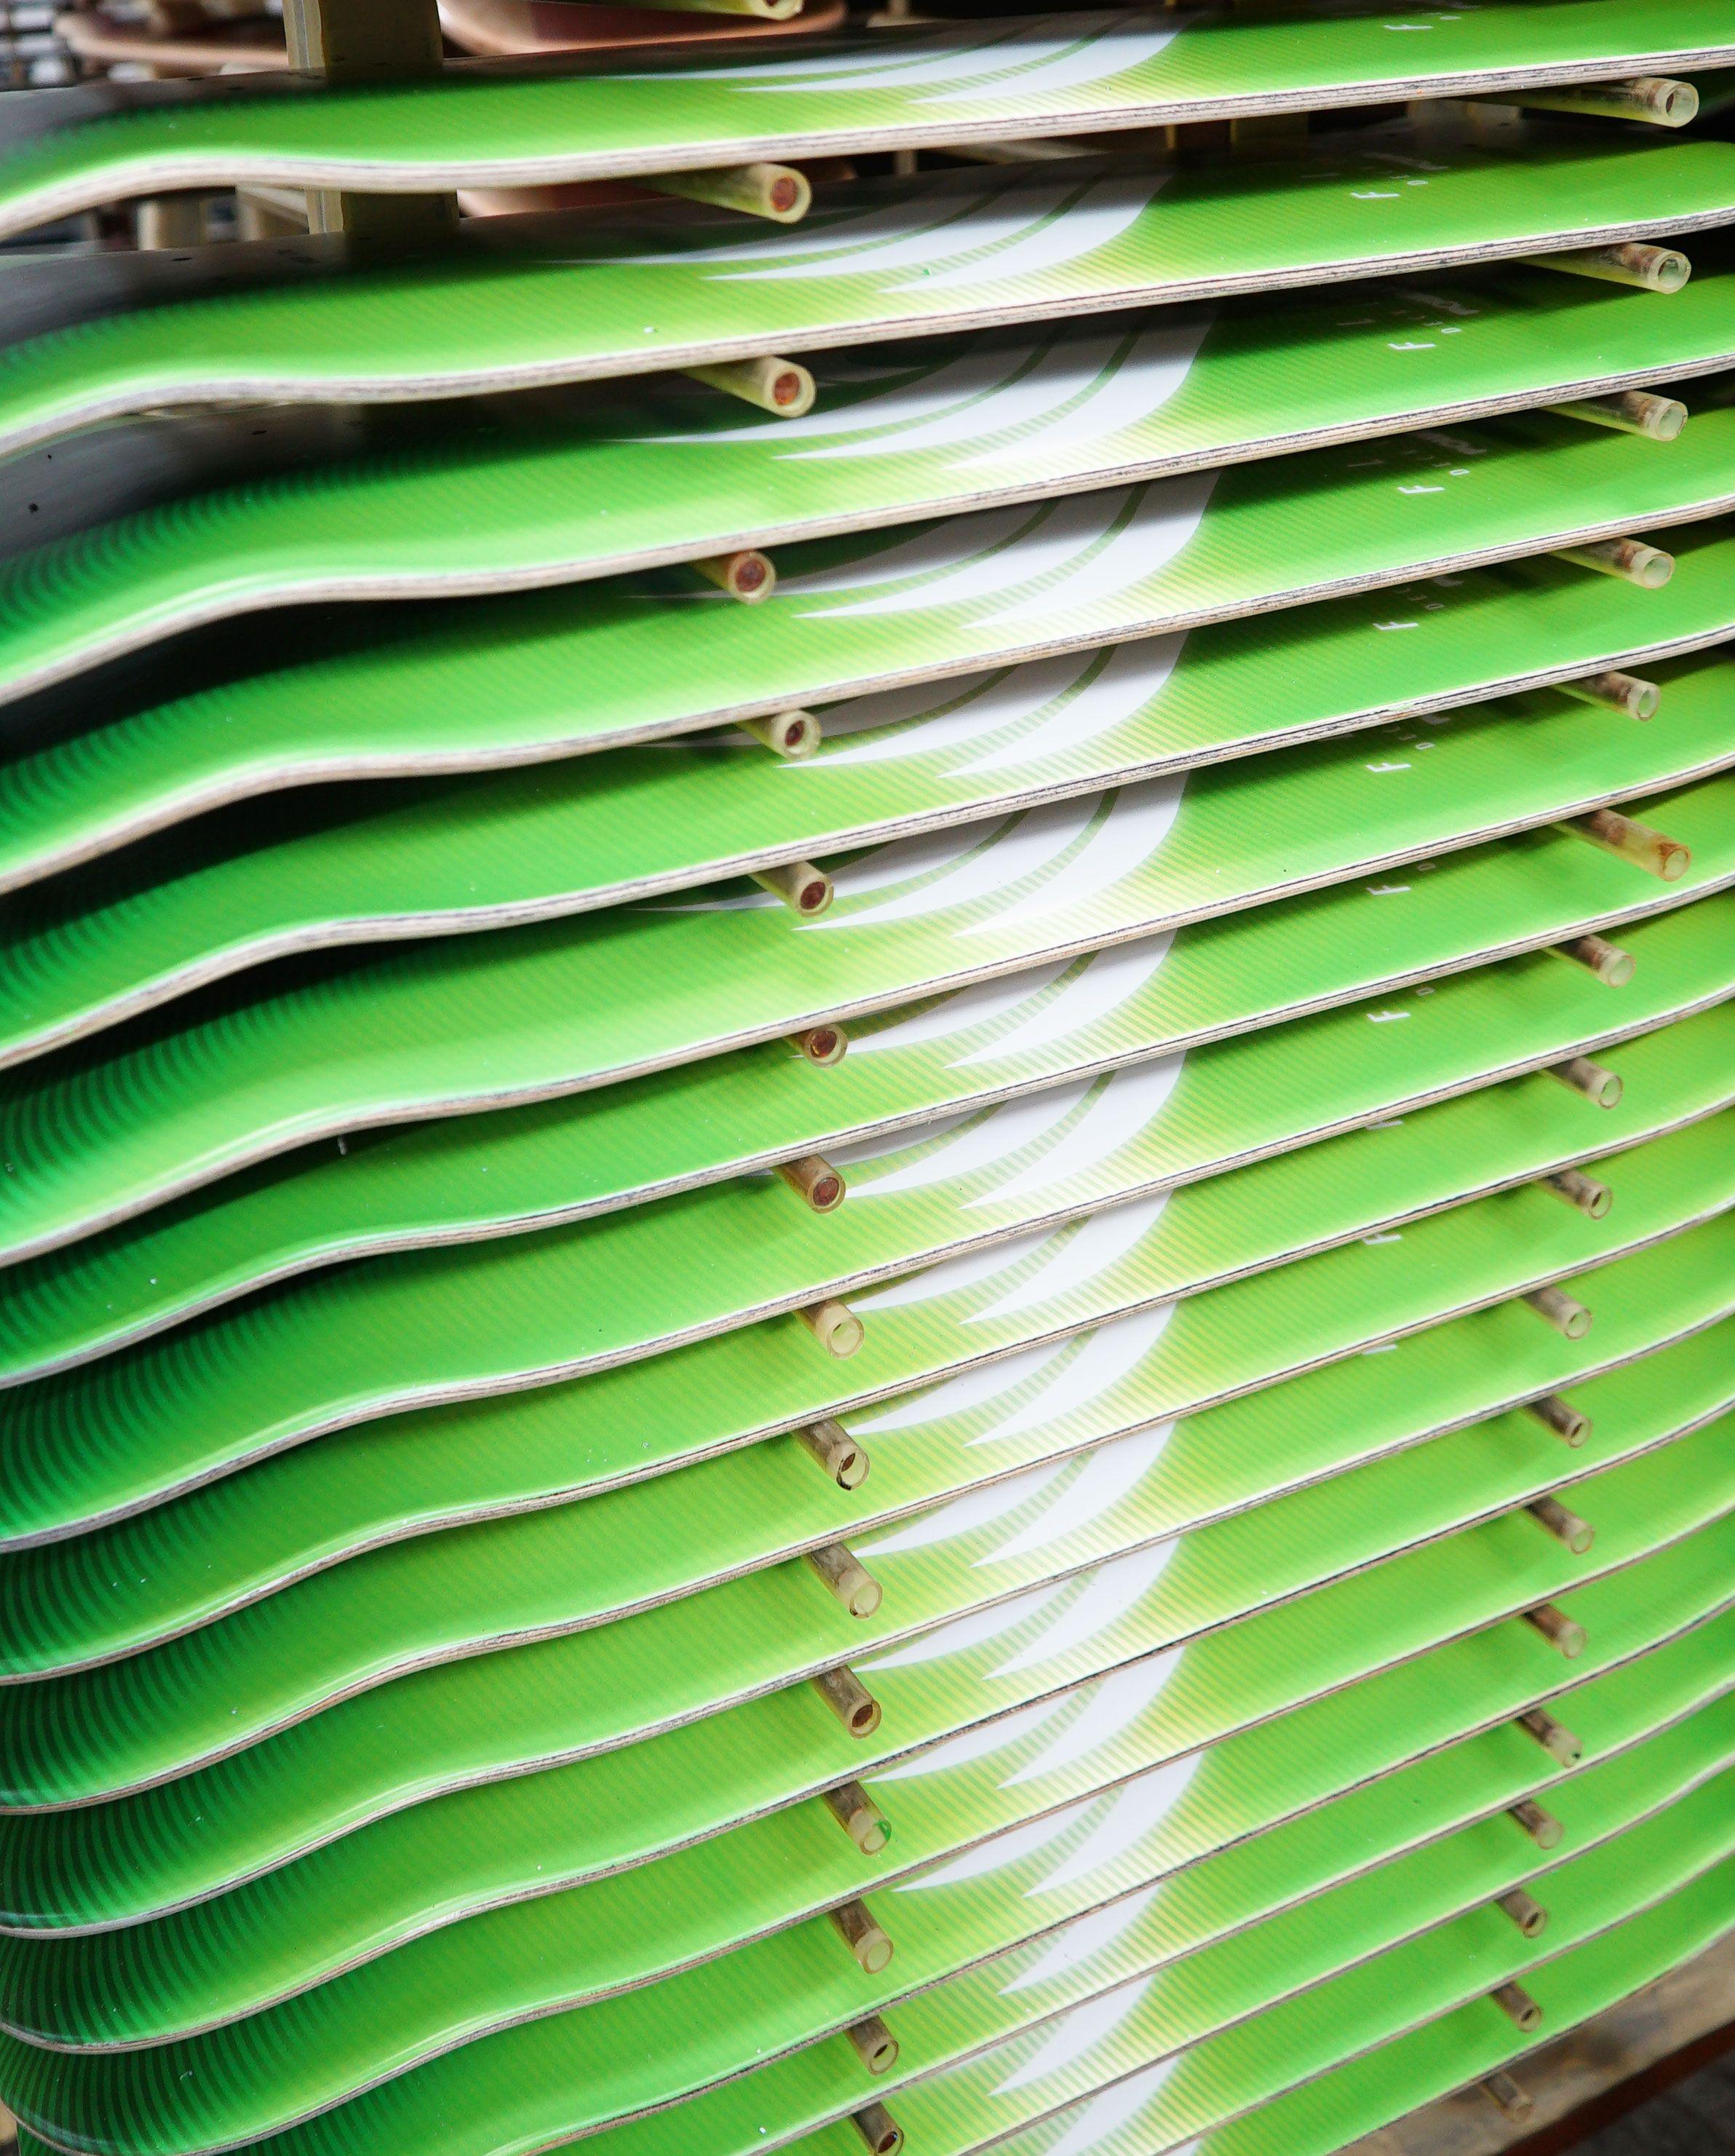 f0abeefb1f4f Powell Peralta Flight® Skateboard Deck Glow Lime - Shape 245 - 8.75 x 32.95